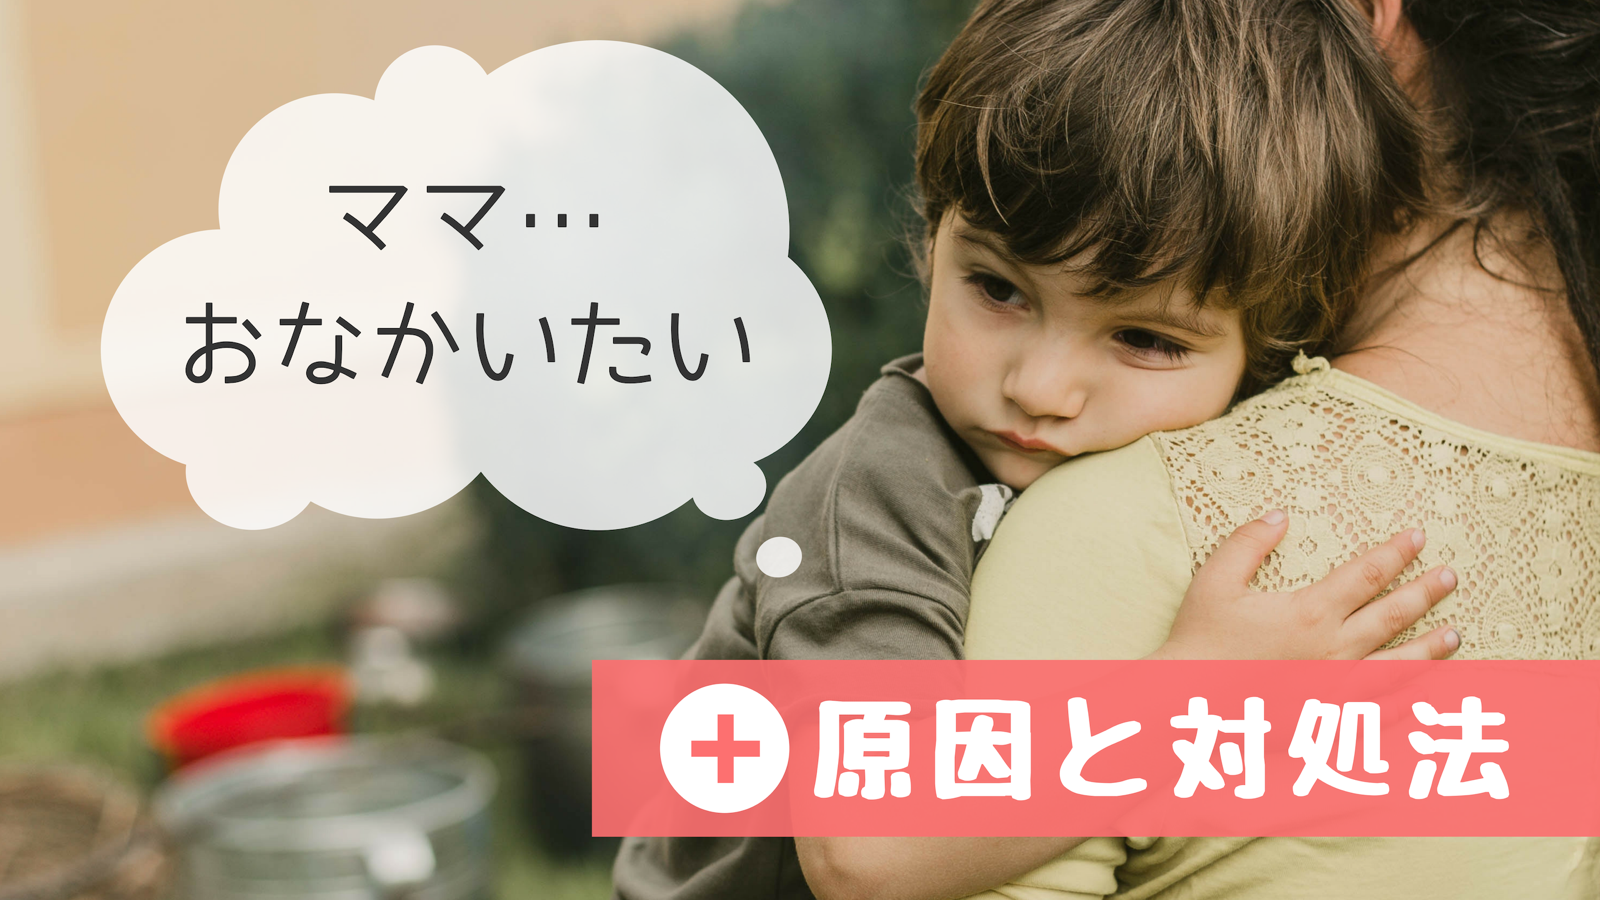 ママ お腹が痛い 子供が腹痛を訴えたときの原因 対処法